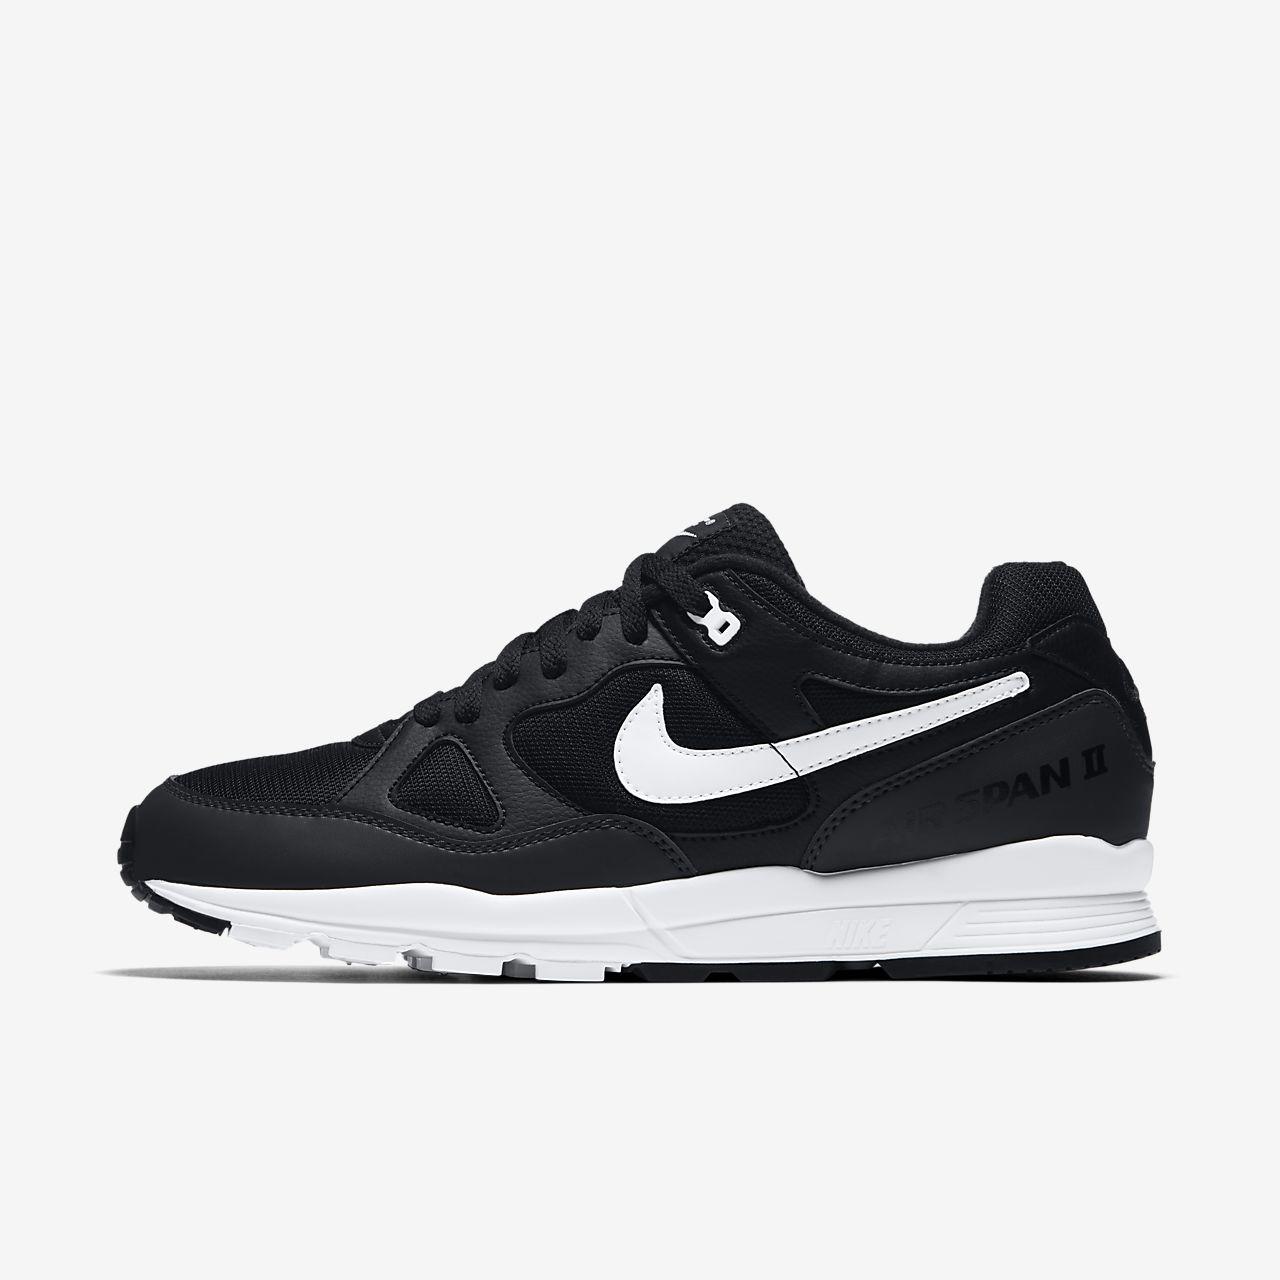 online retailer 51e81 e5d1e ... Nike Air Span II Zapatillas - Hombre